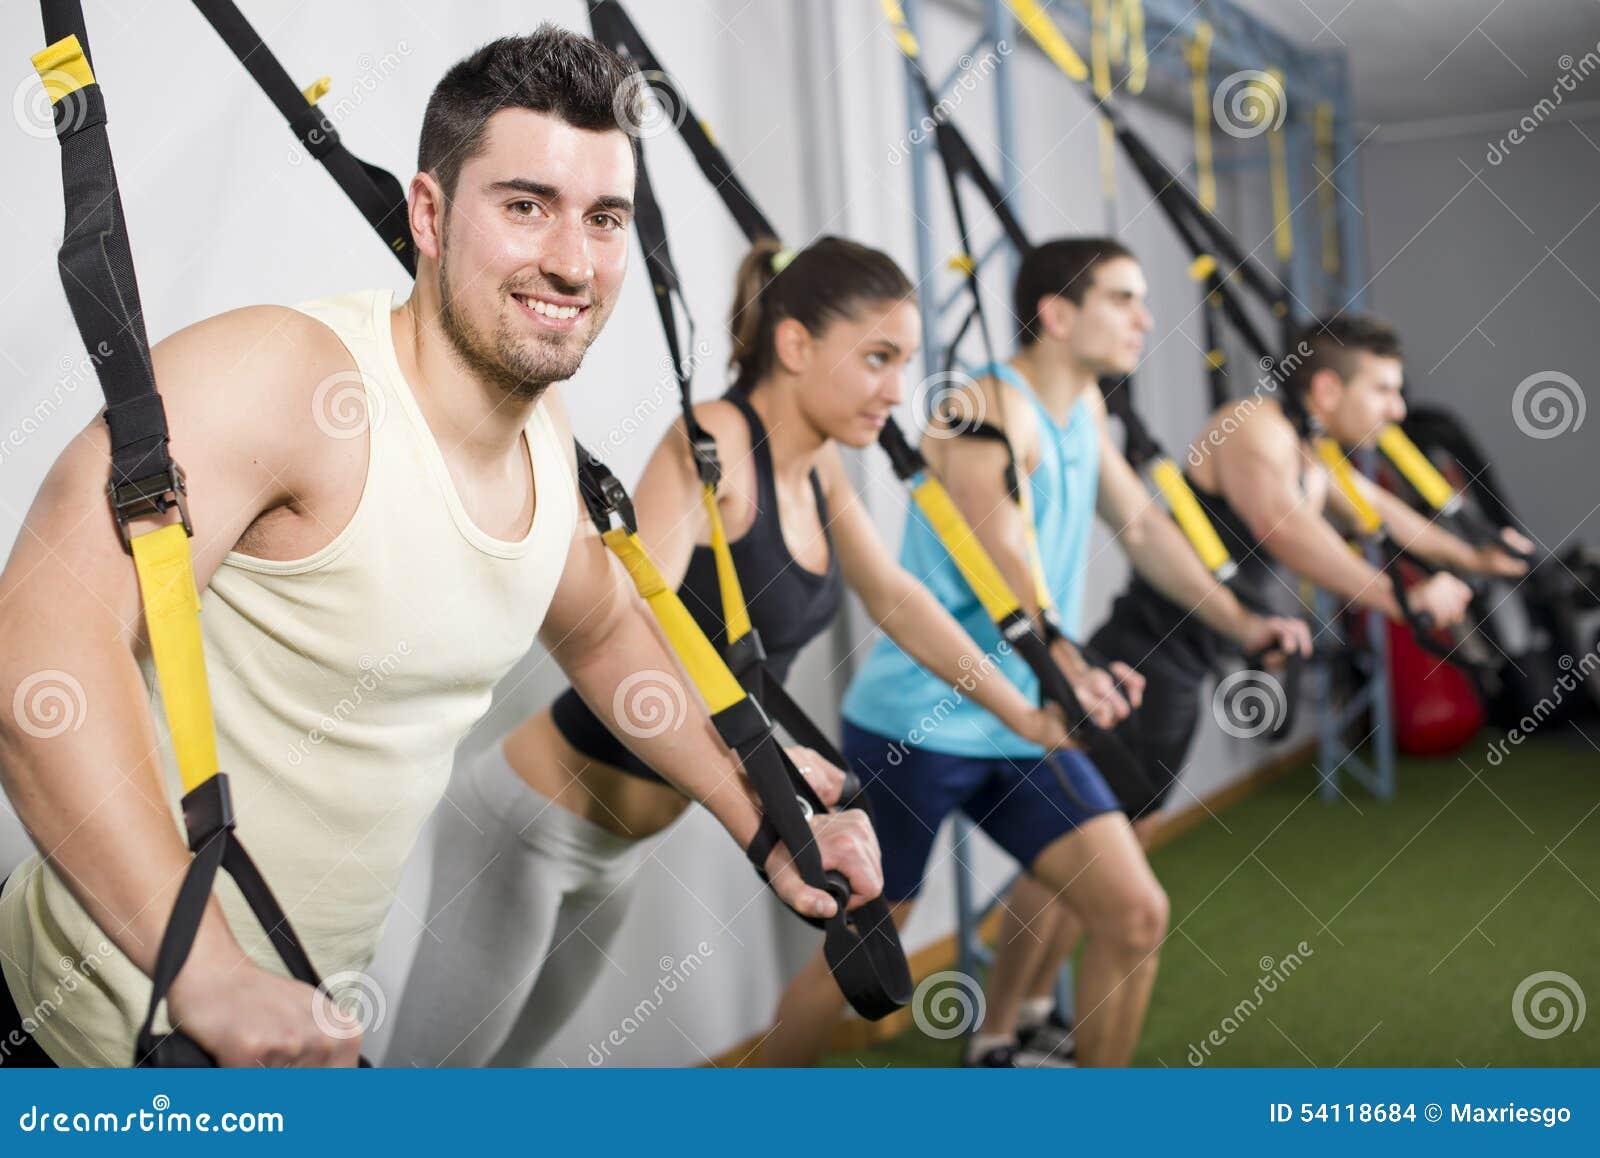 Les gens au gymnase faisant les exercices élastiques de corde